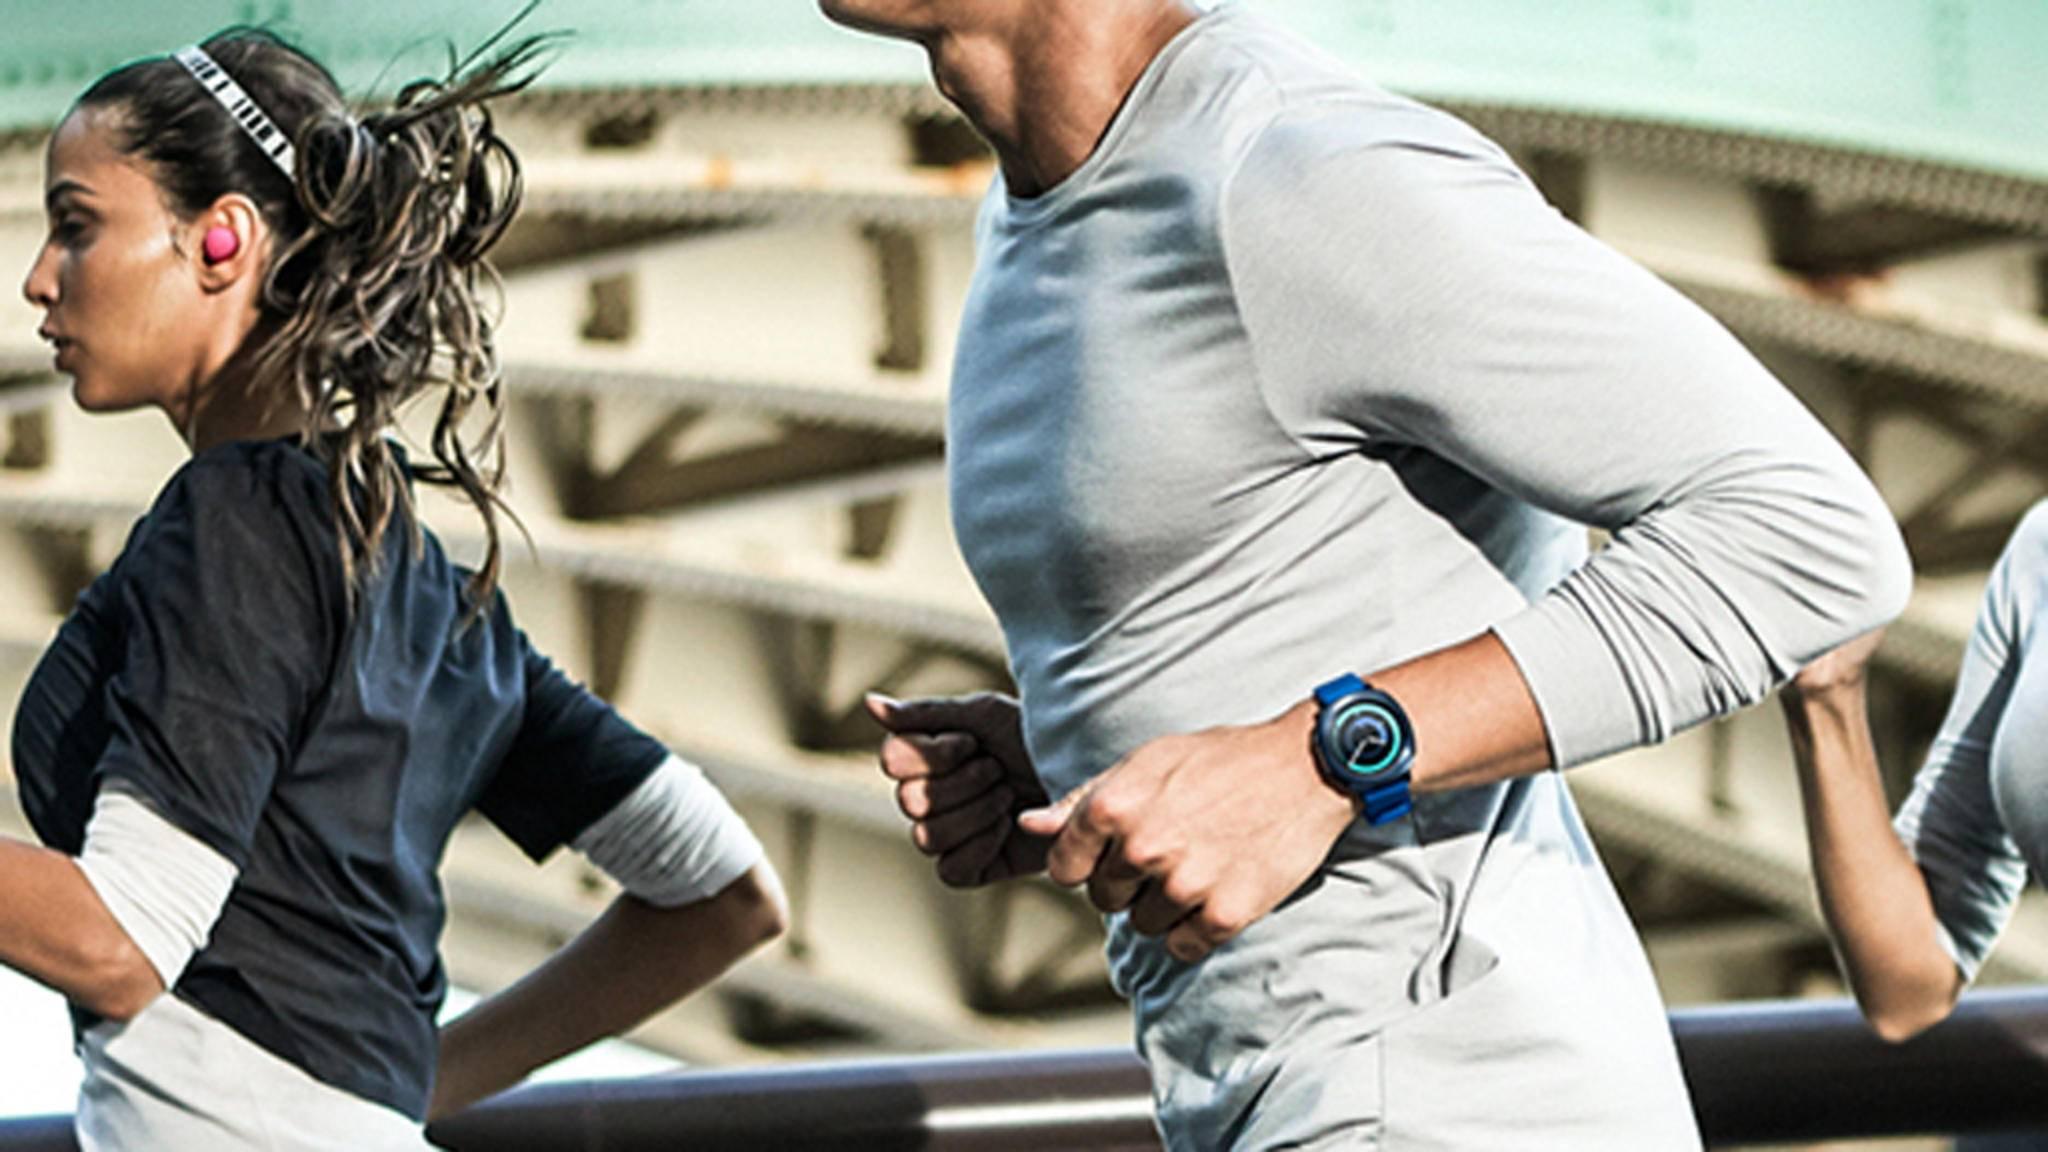 Samsungs neue Smartwatch trägt den Codenamen Pulse und soll ein Nachfolger der Gear Sport werden.